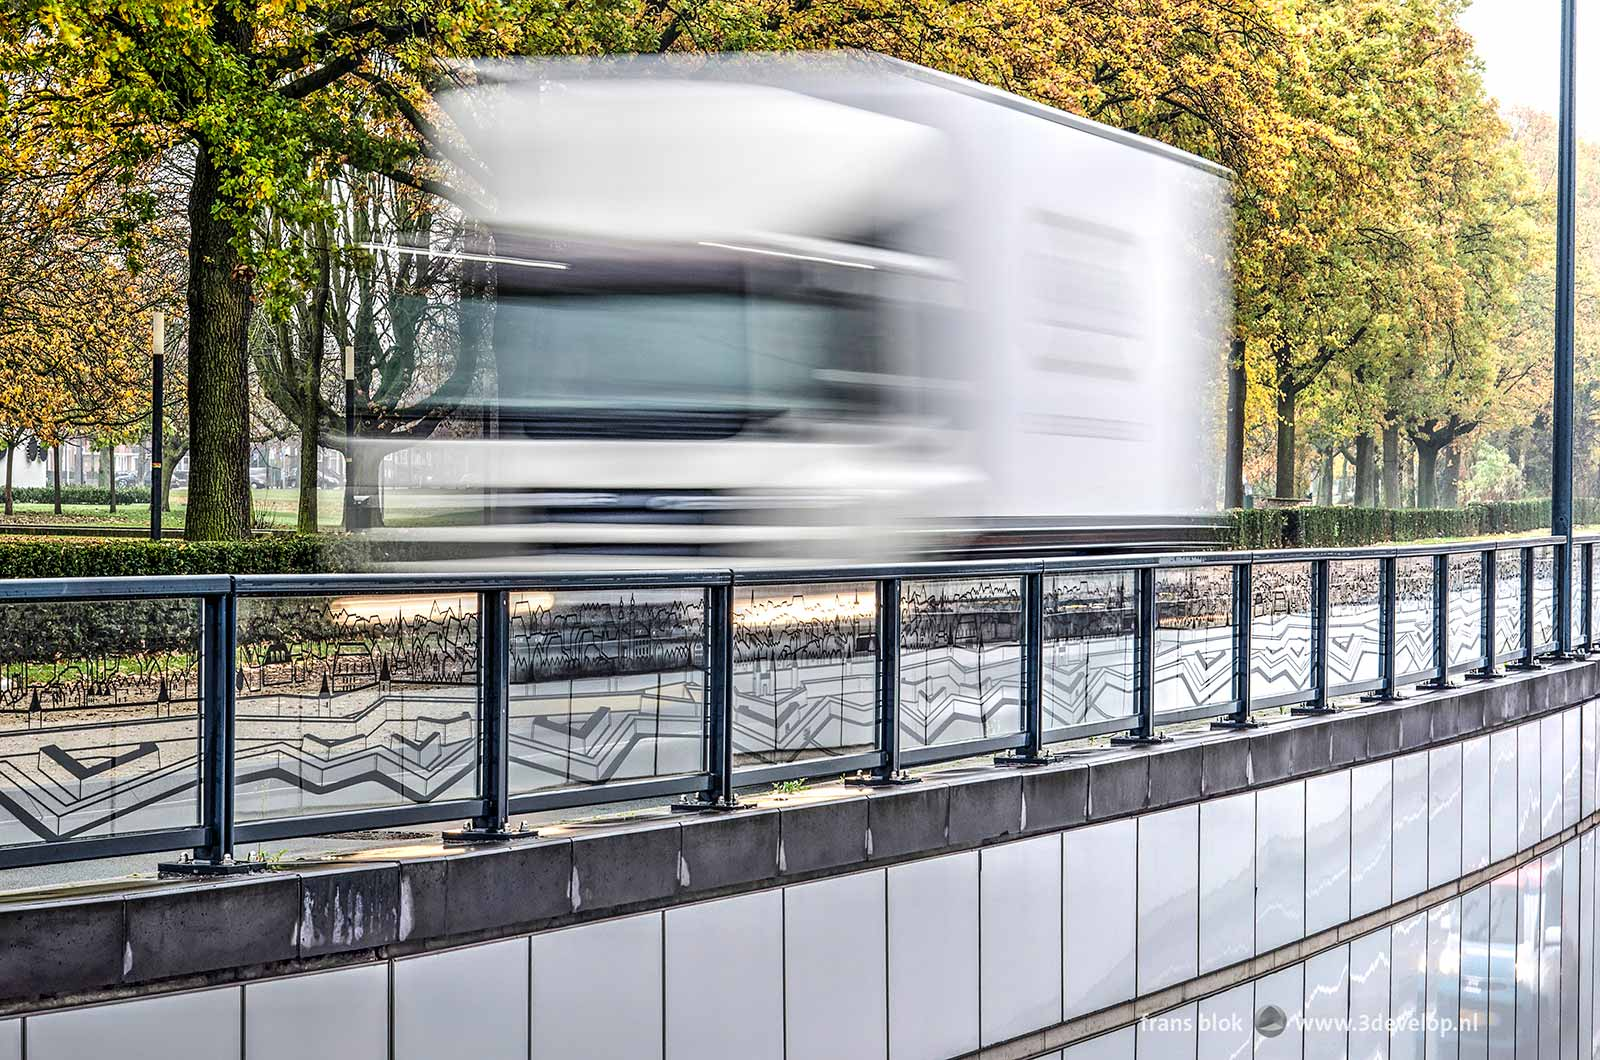 Vrachtwagen passeert de glaspanelen met prints van de vestingwerken langs de onderdoorgang van het Koninginneplein in Venlo